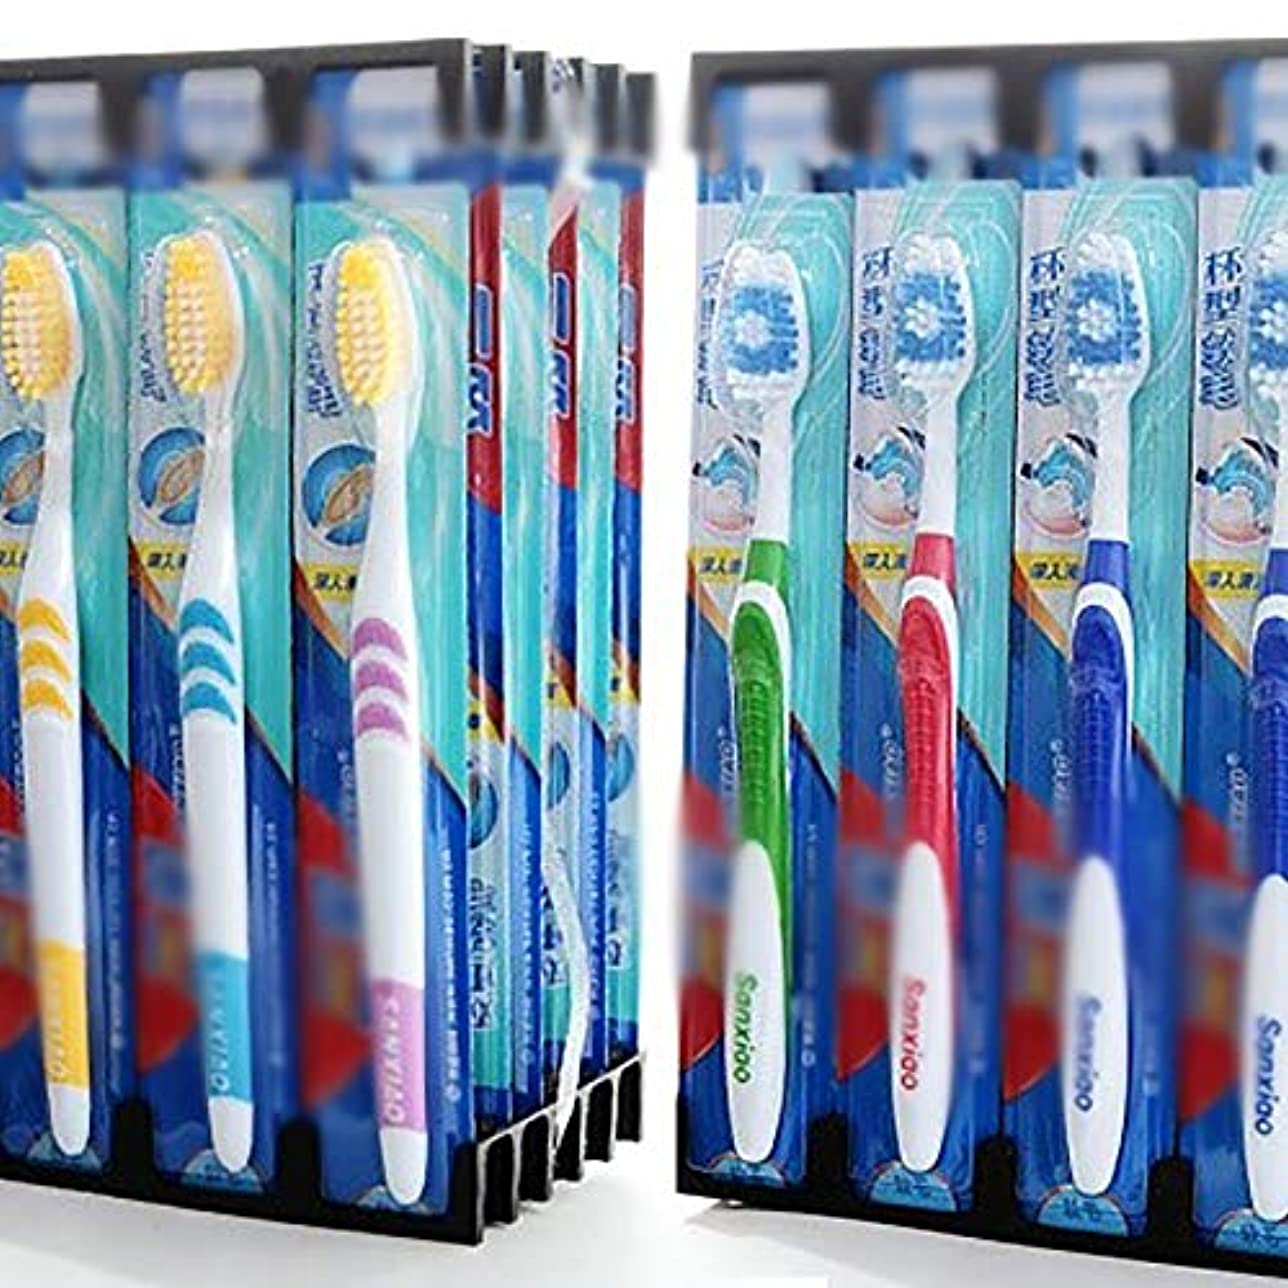 感動する通行料金無心歯ブラシ 30本の歯ブラシ、旅行柔らかい歯ブラシ、歯ブラシのバルク極細歯ブラシ - 使用可能なスタイルの3種類 KHL (色 : C, サイズ : 30 packs)